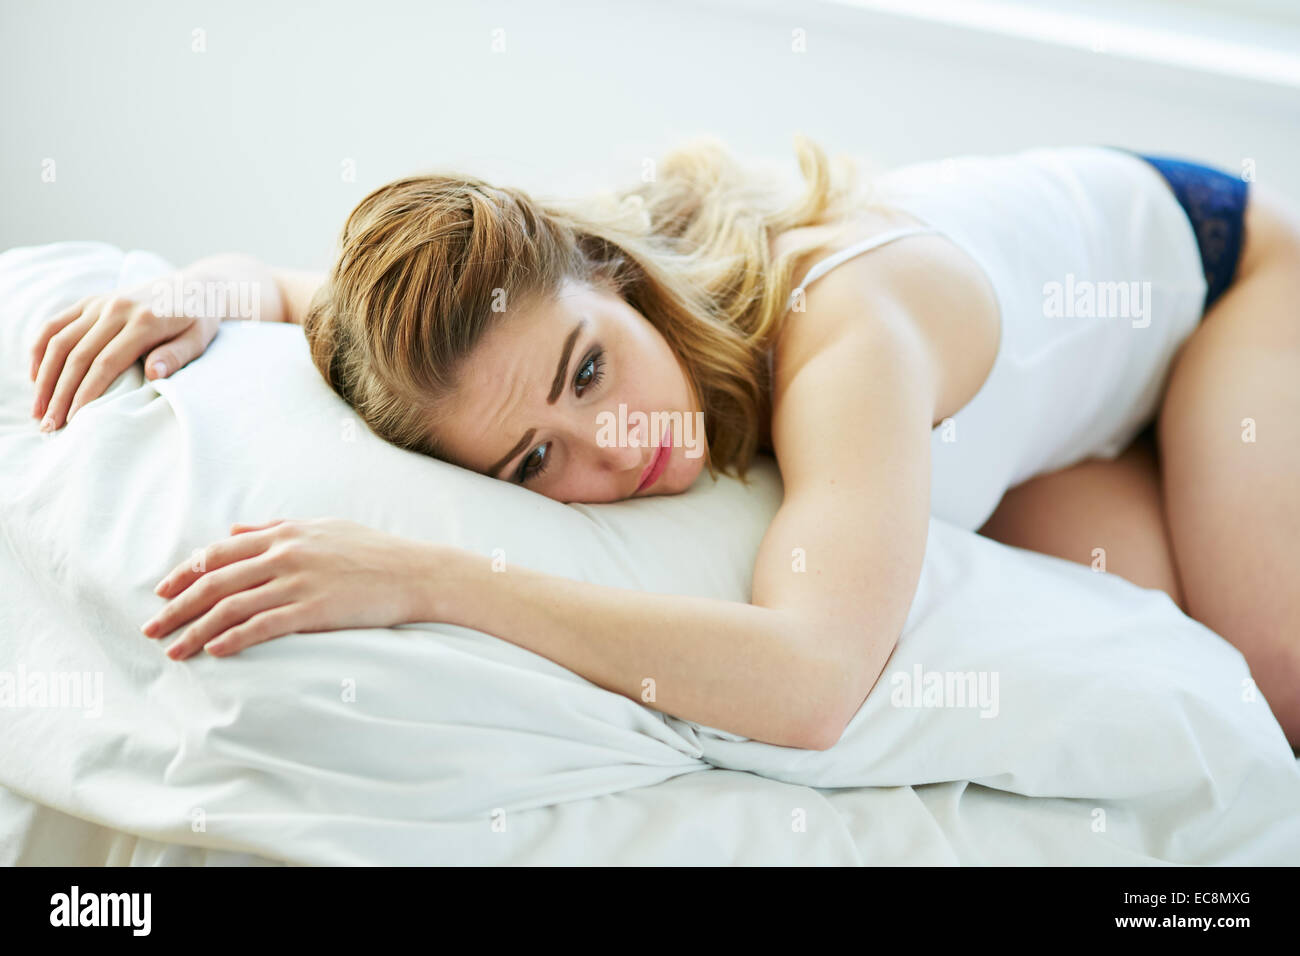 Upset girl lying on bed Photo Stock